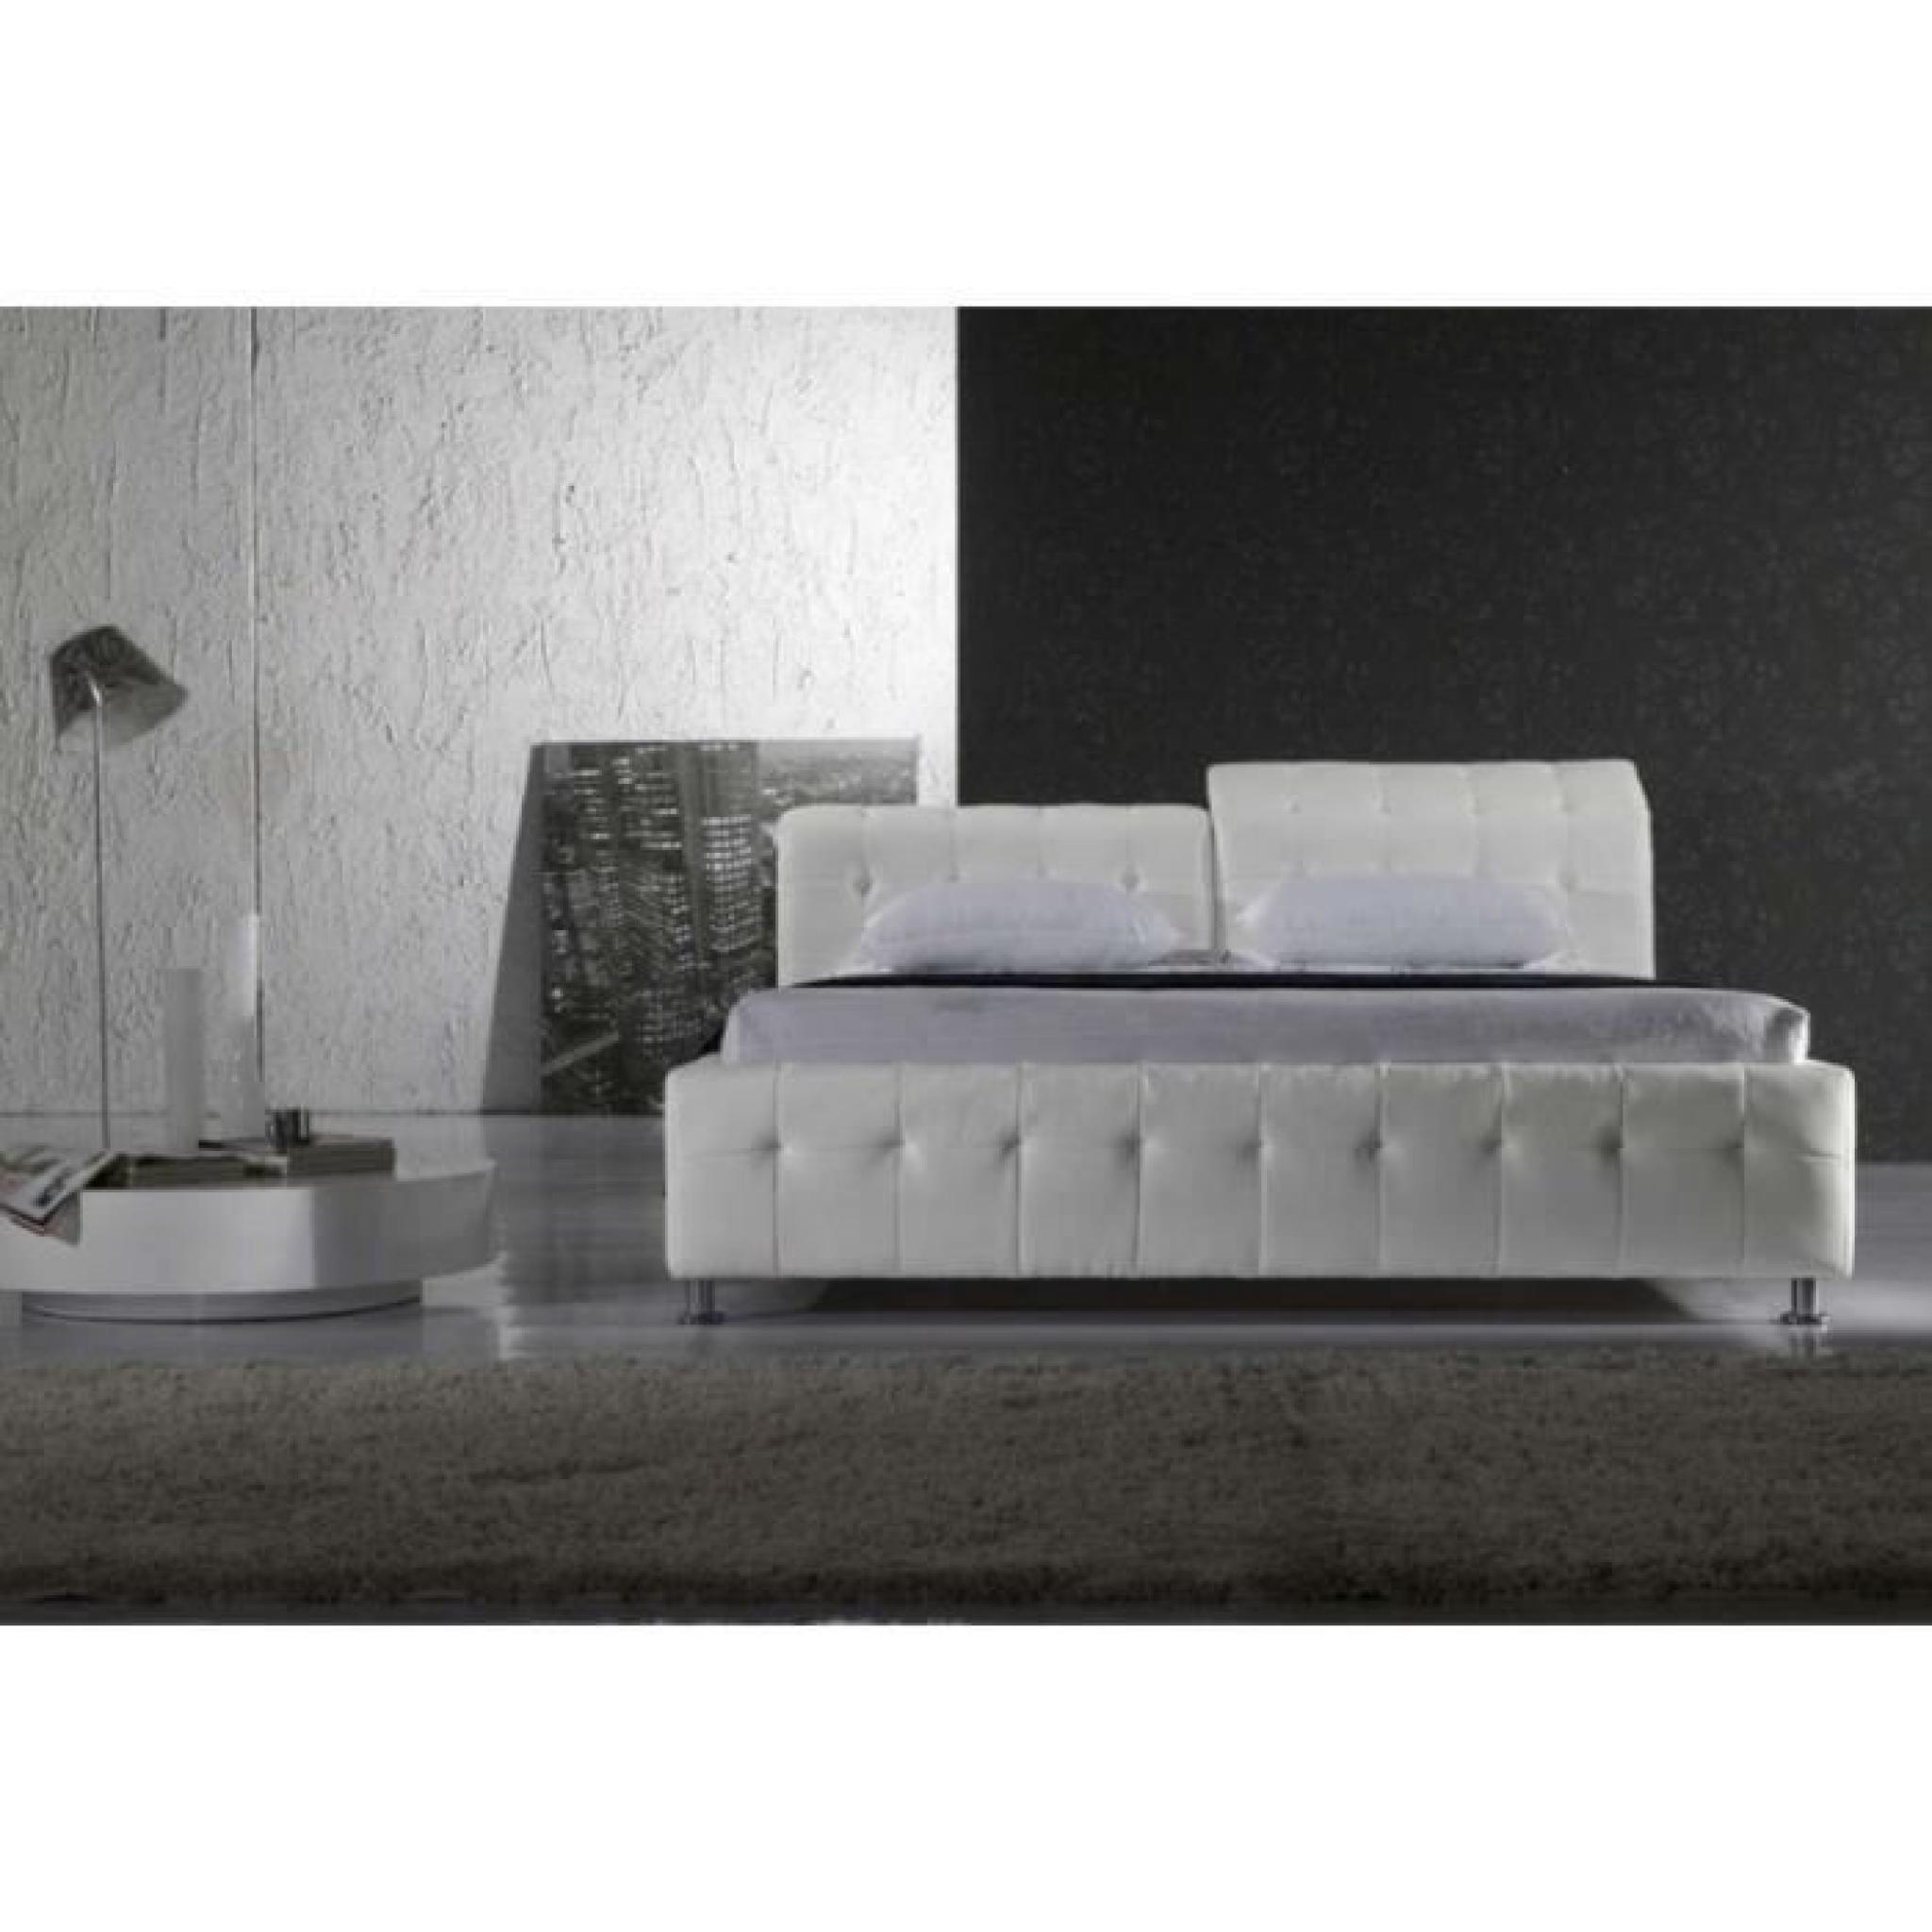 justhome theatro plus blanc lit rembourr en cuir cologique taille 200 x 200 cm achat vente. Black Bedroom Furniture Sets. Home Design Ideas